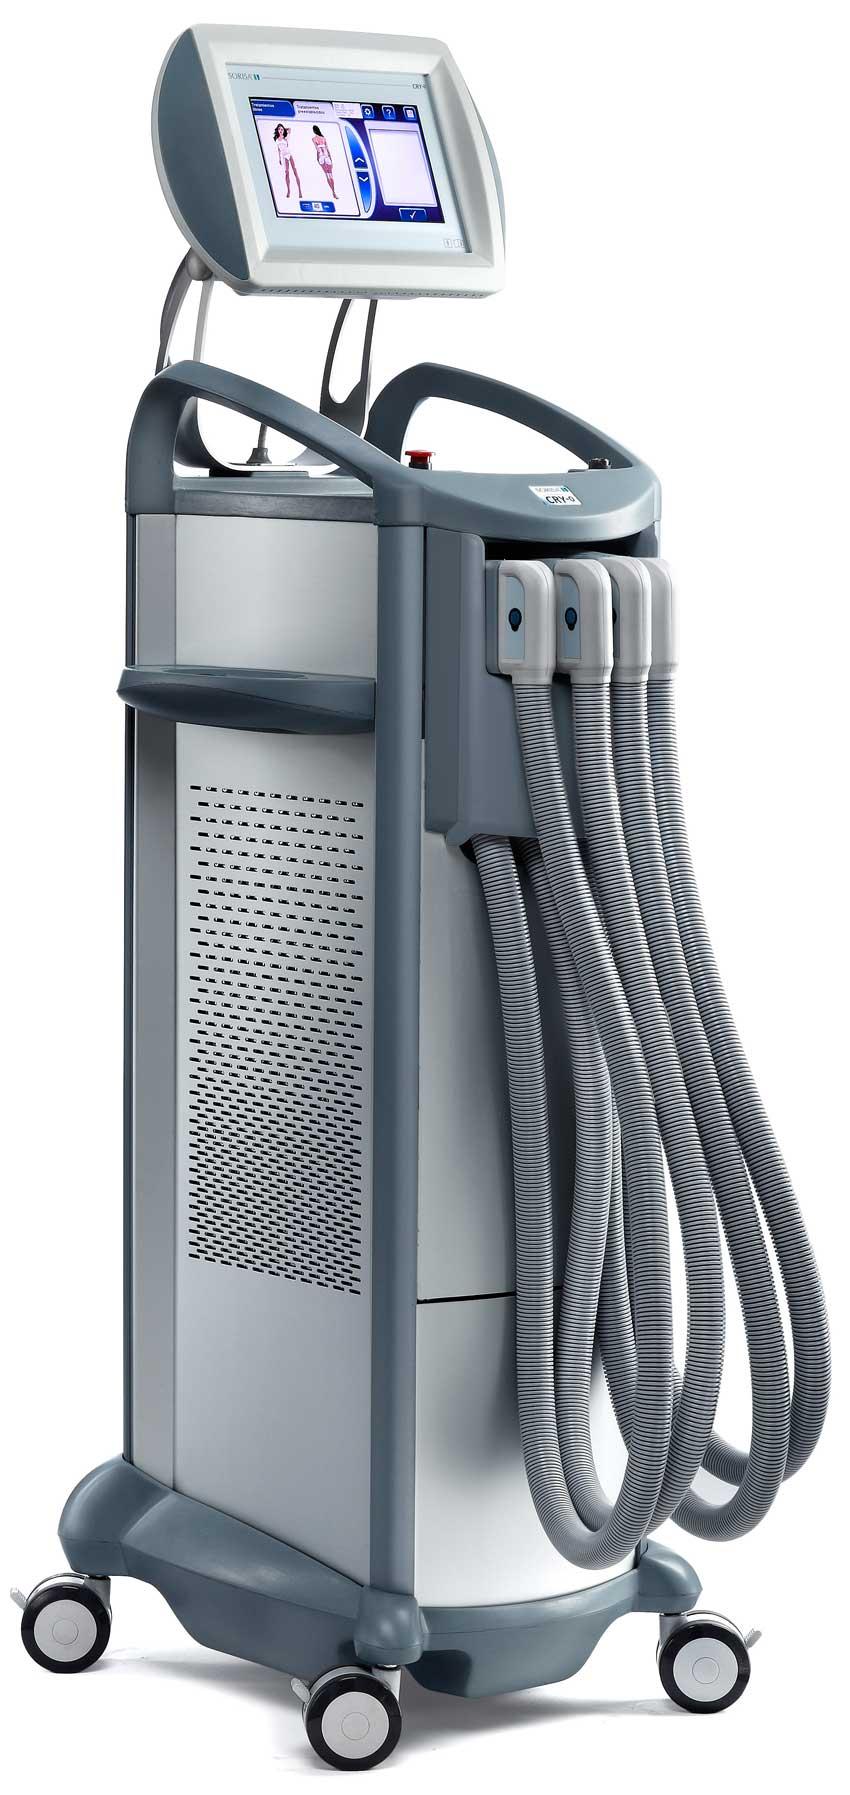 CRY-0, la combinación de emisión de frío con secuencias de masaje vibratorio